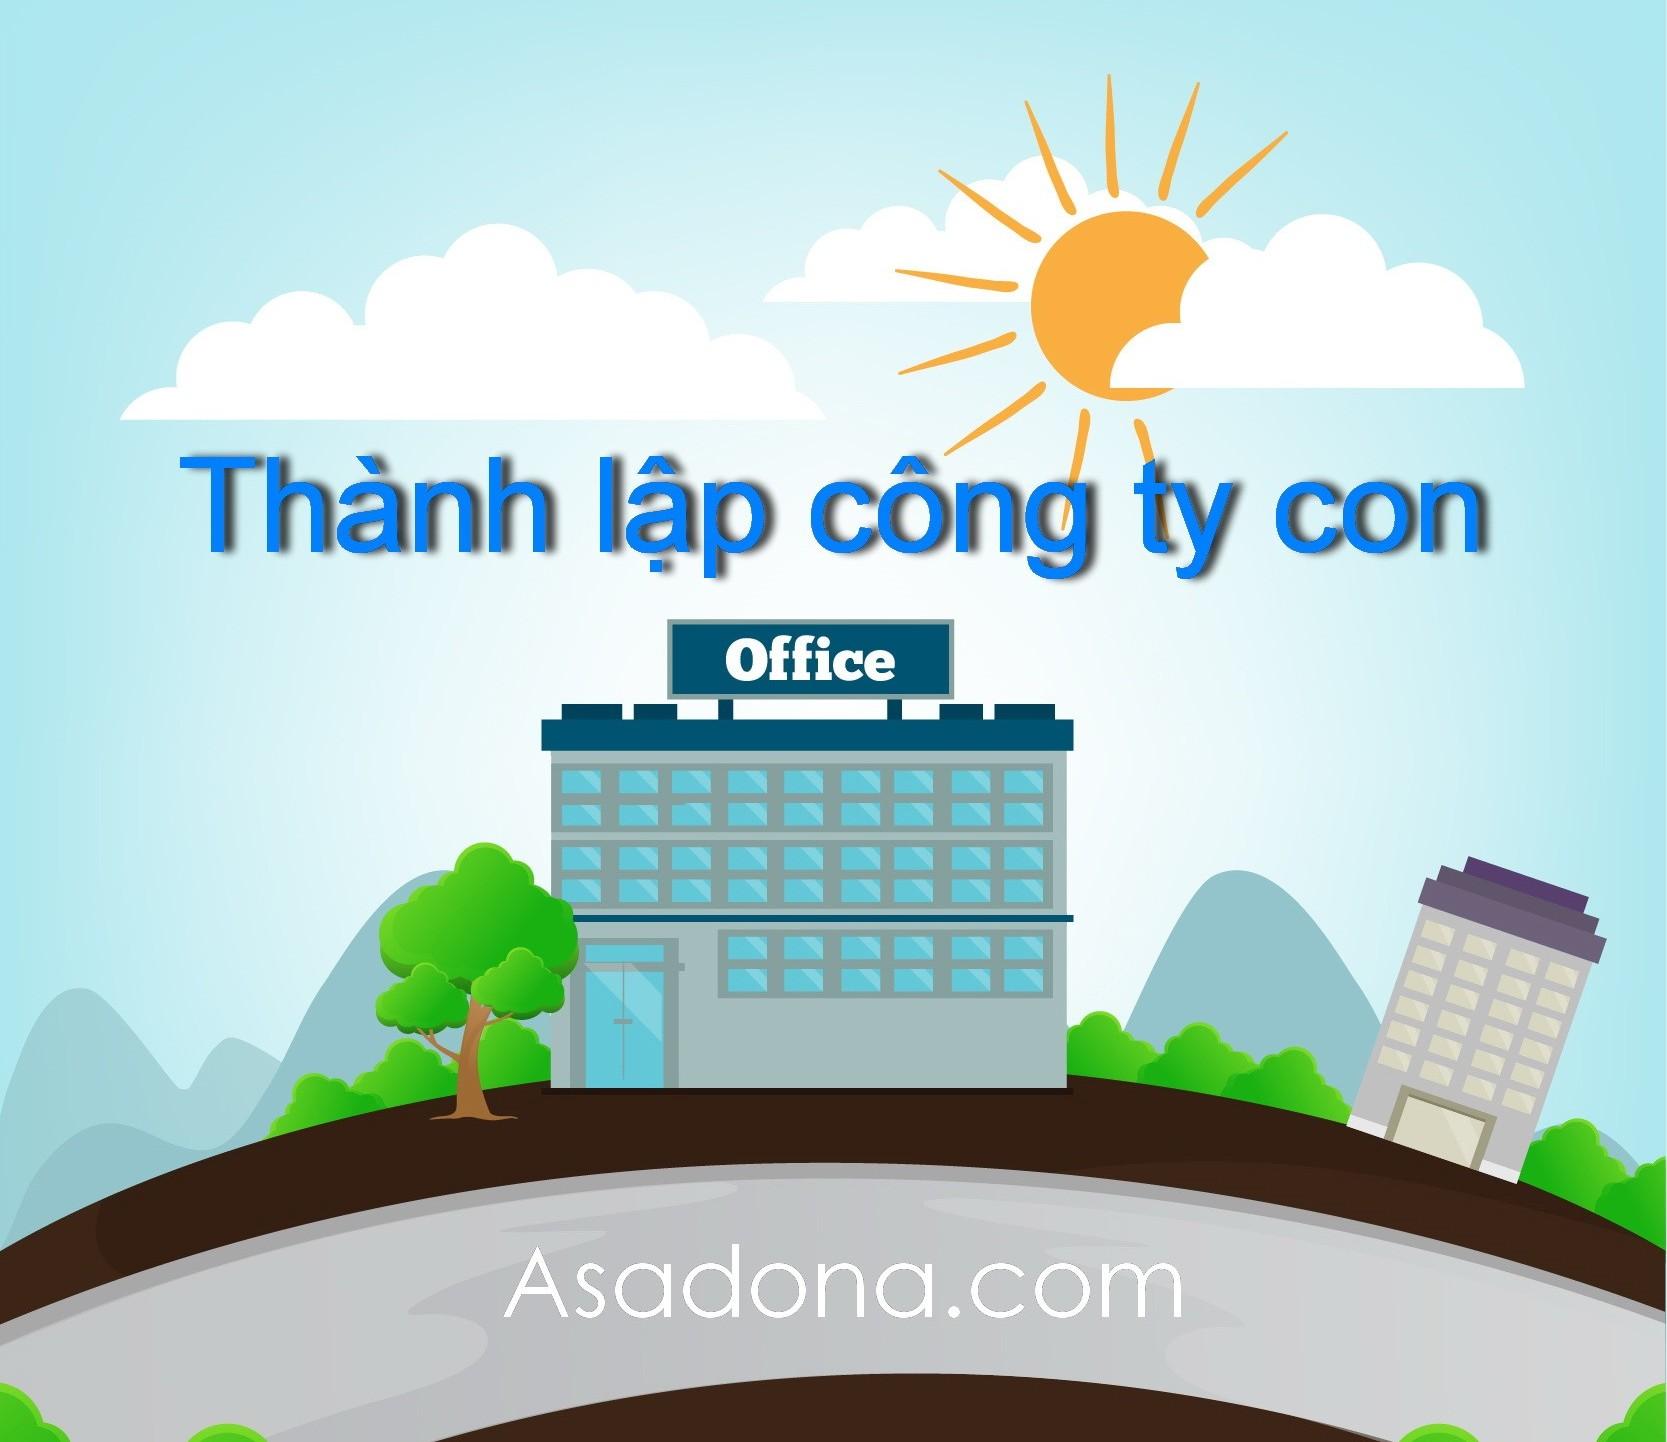 Thủ tục thành lập công ty con tại Đồng Nai